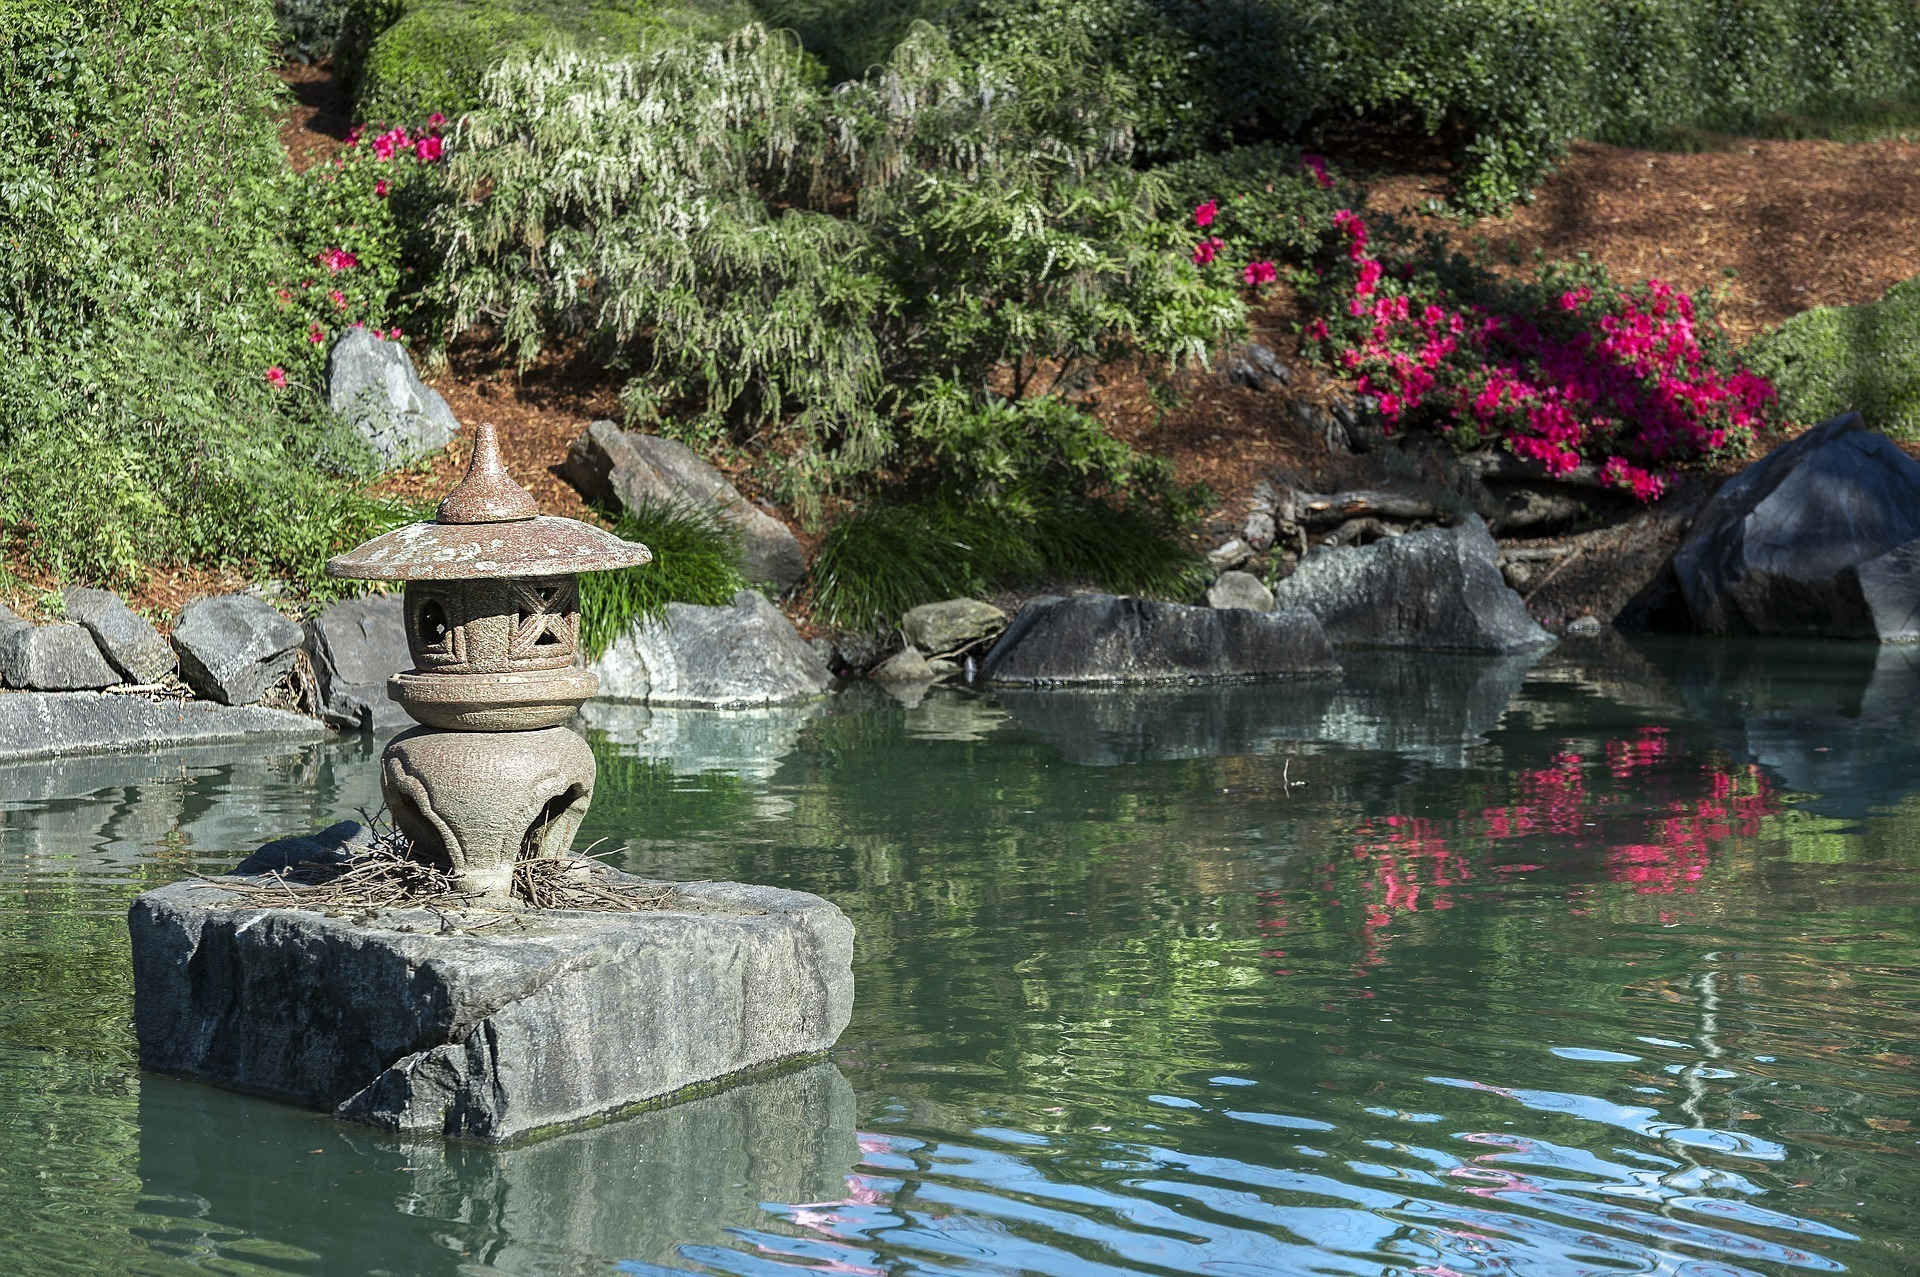 池に浮かぶ灯篭